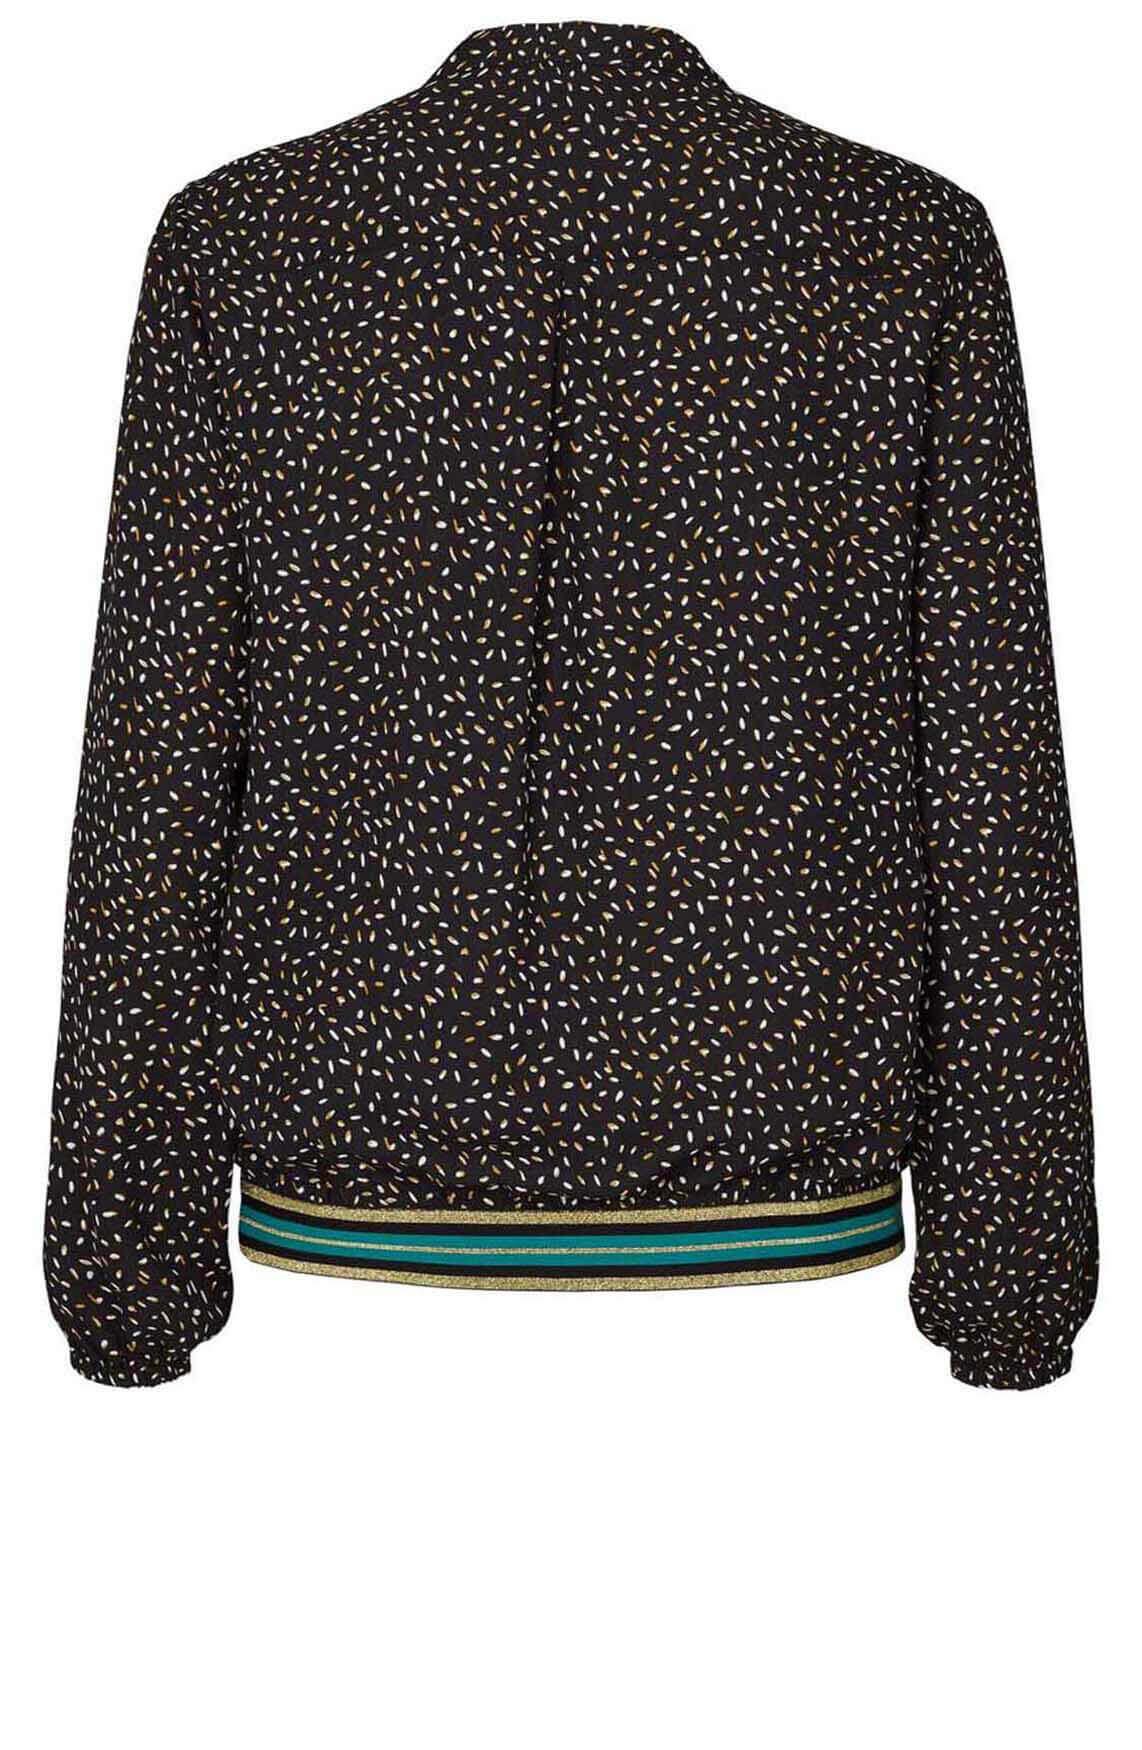 Lollys Laundry Dames Oline blouse zwart